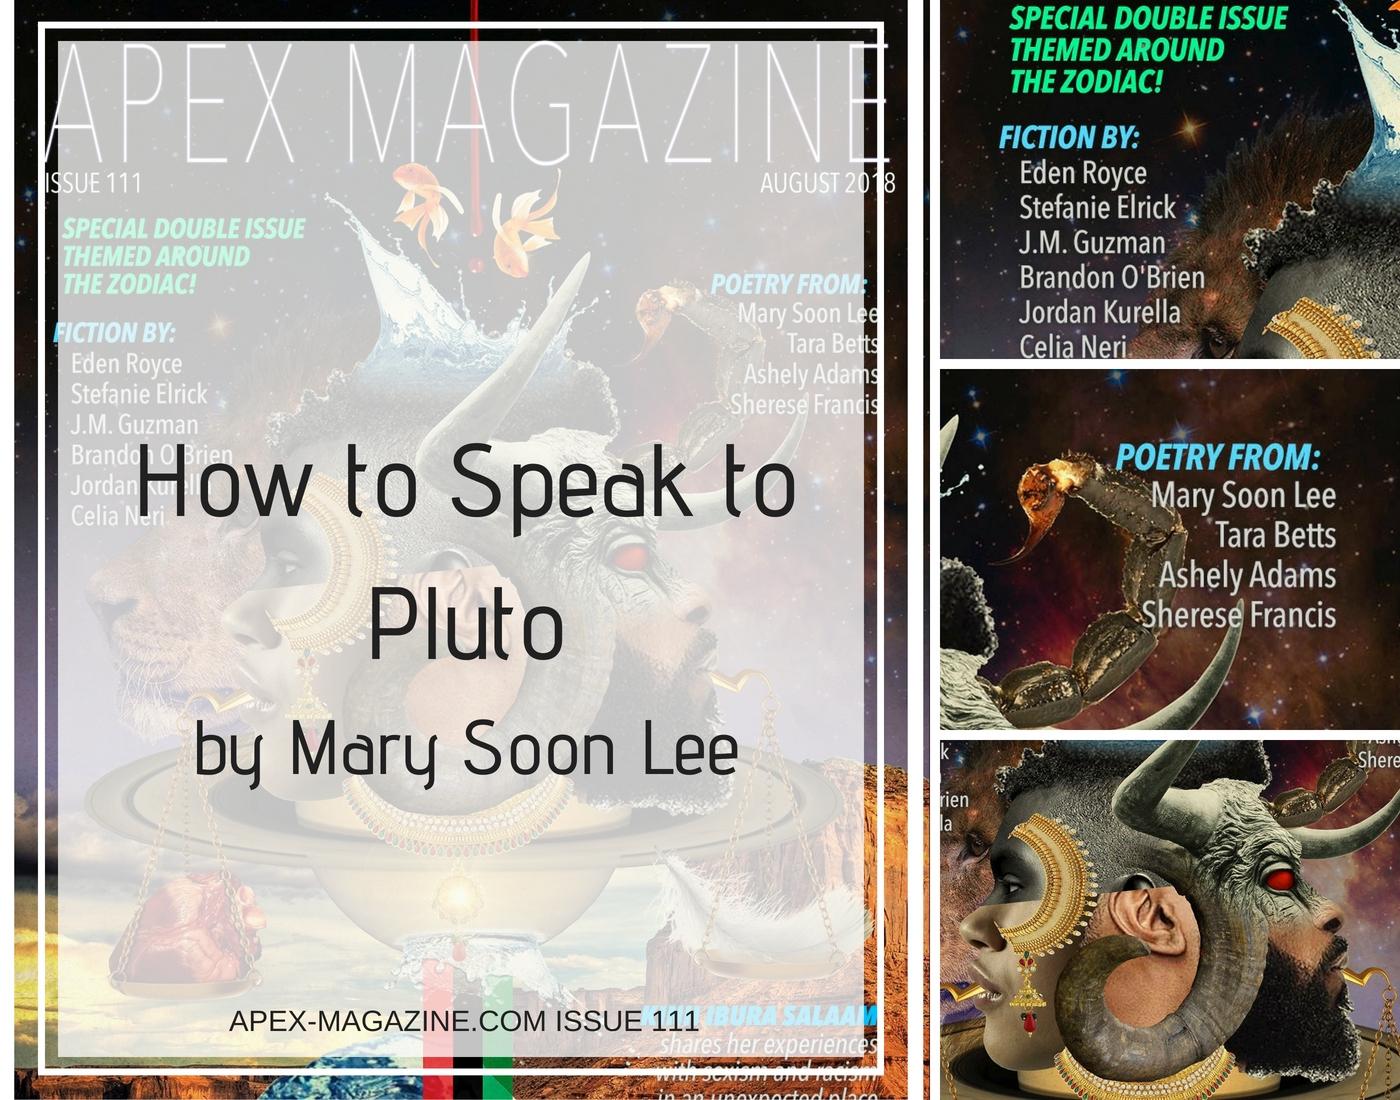 How to Speak to Pluto